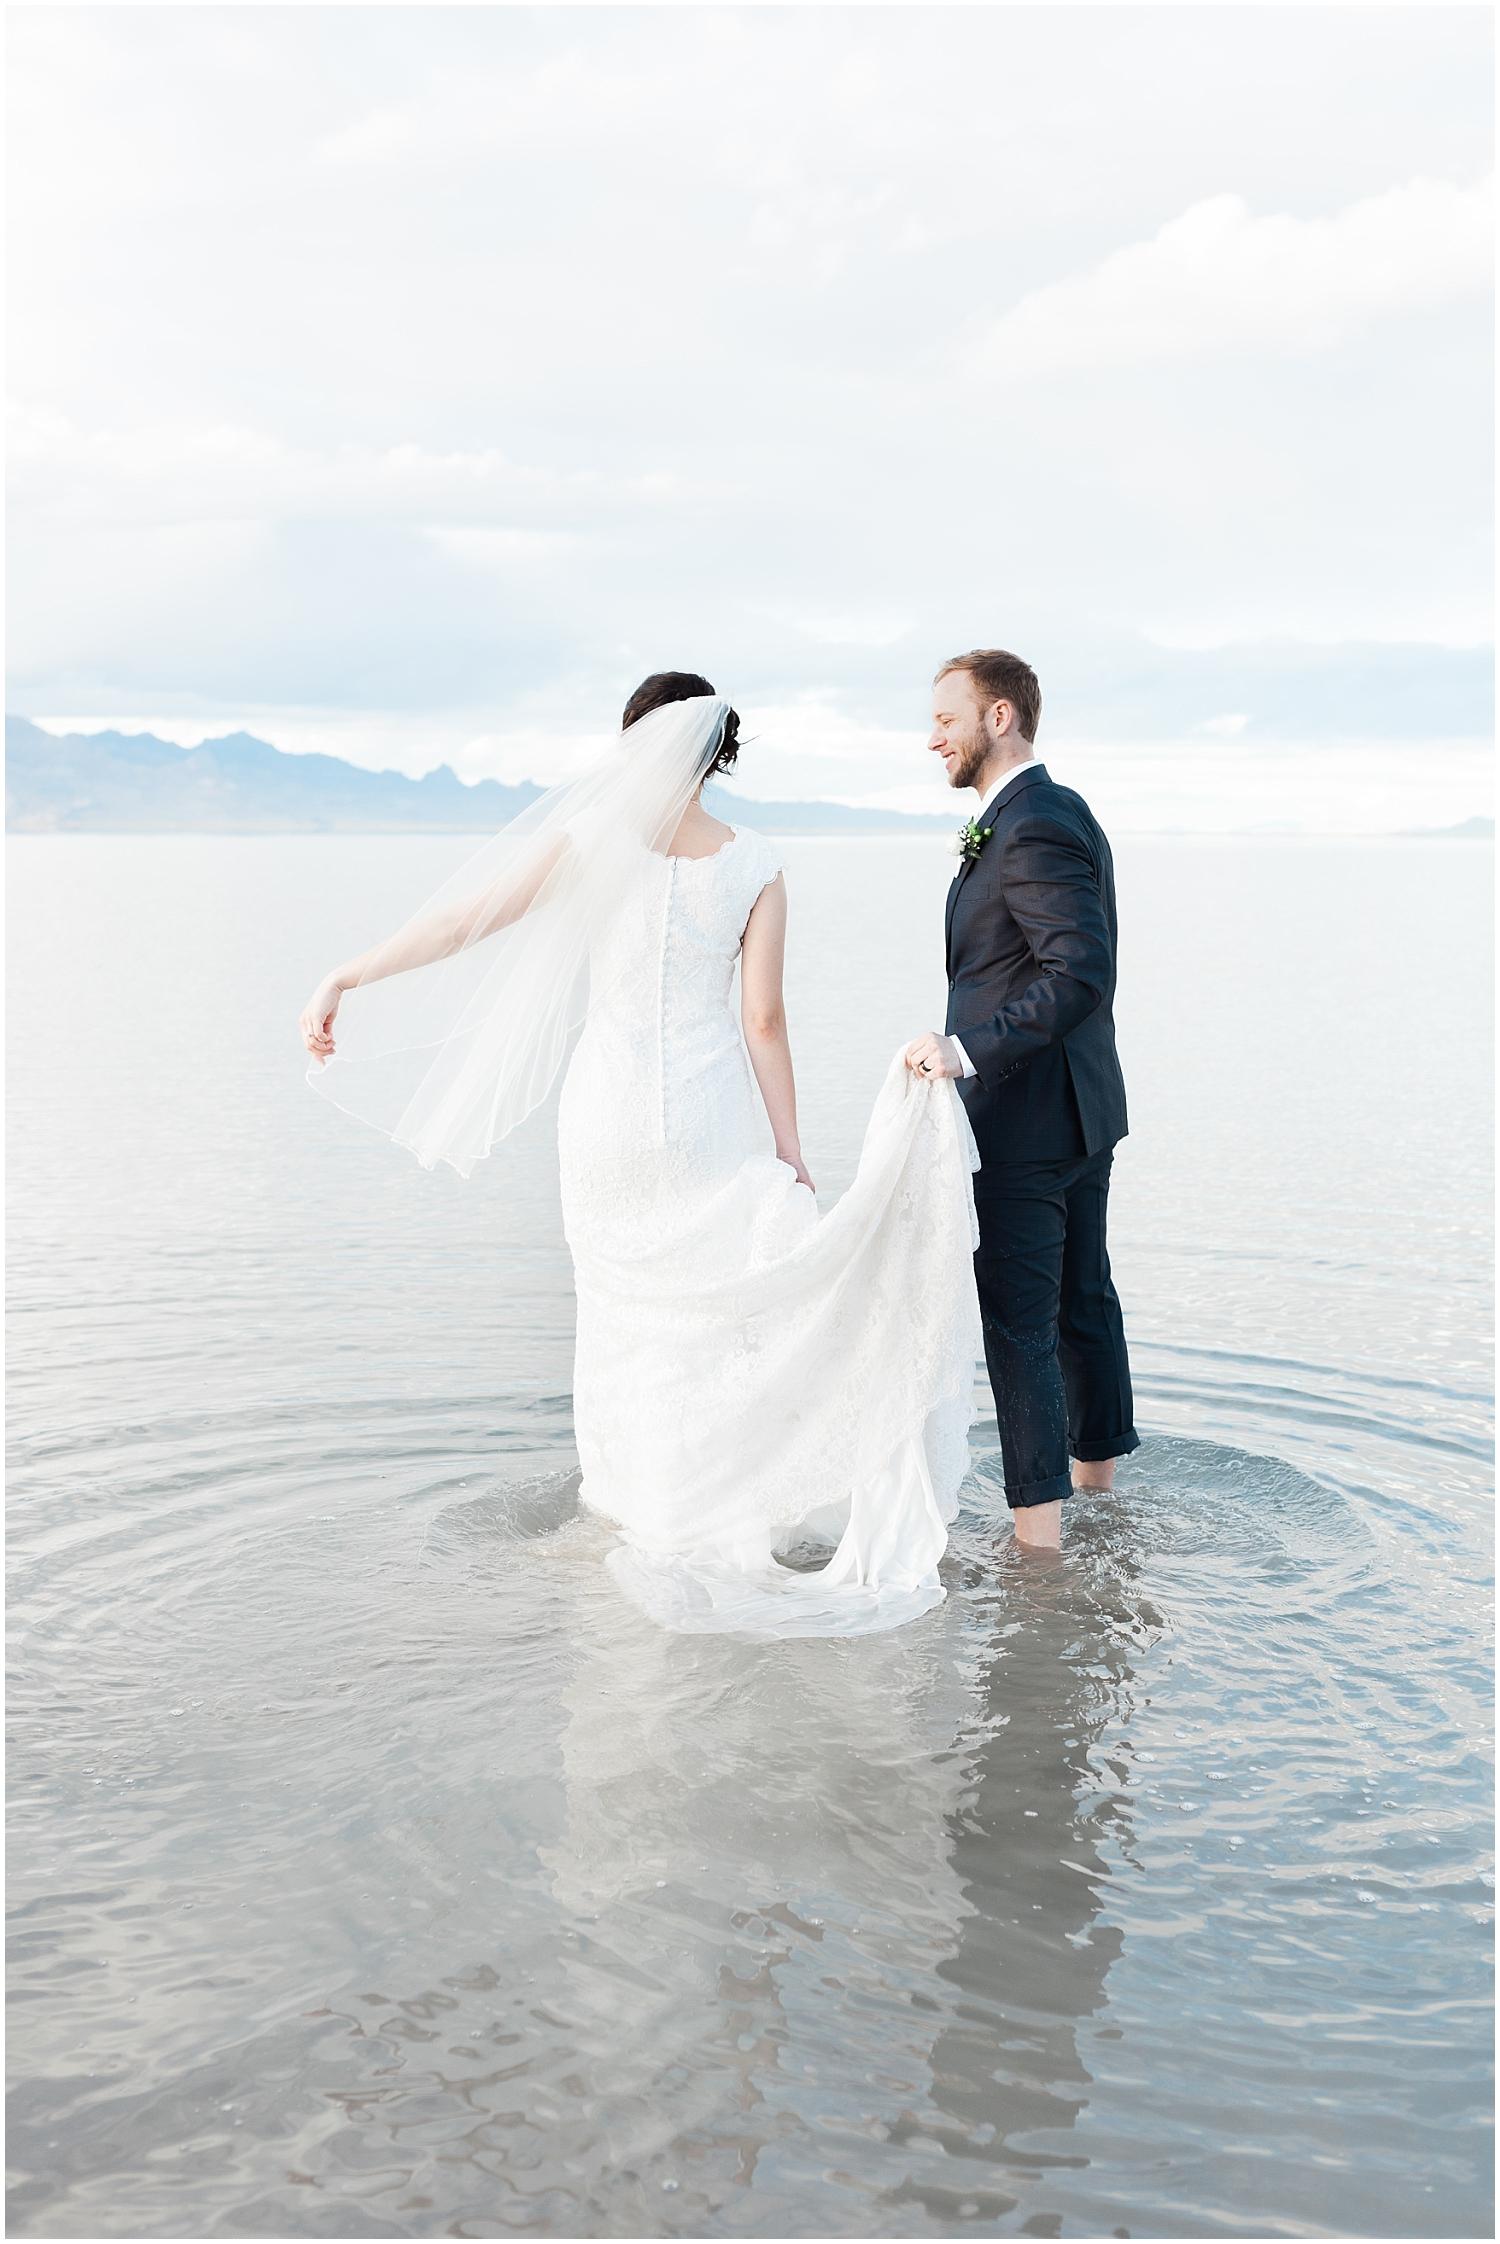 Bonneville Salt Flats Bridals-Ryan & Rachael-Rachel Reyes Photography_0149.jpg